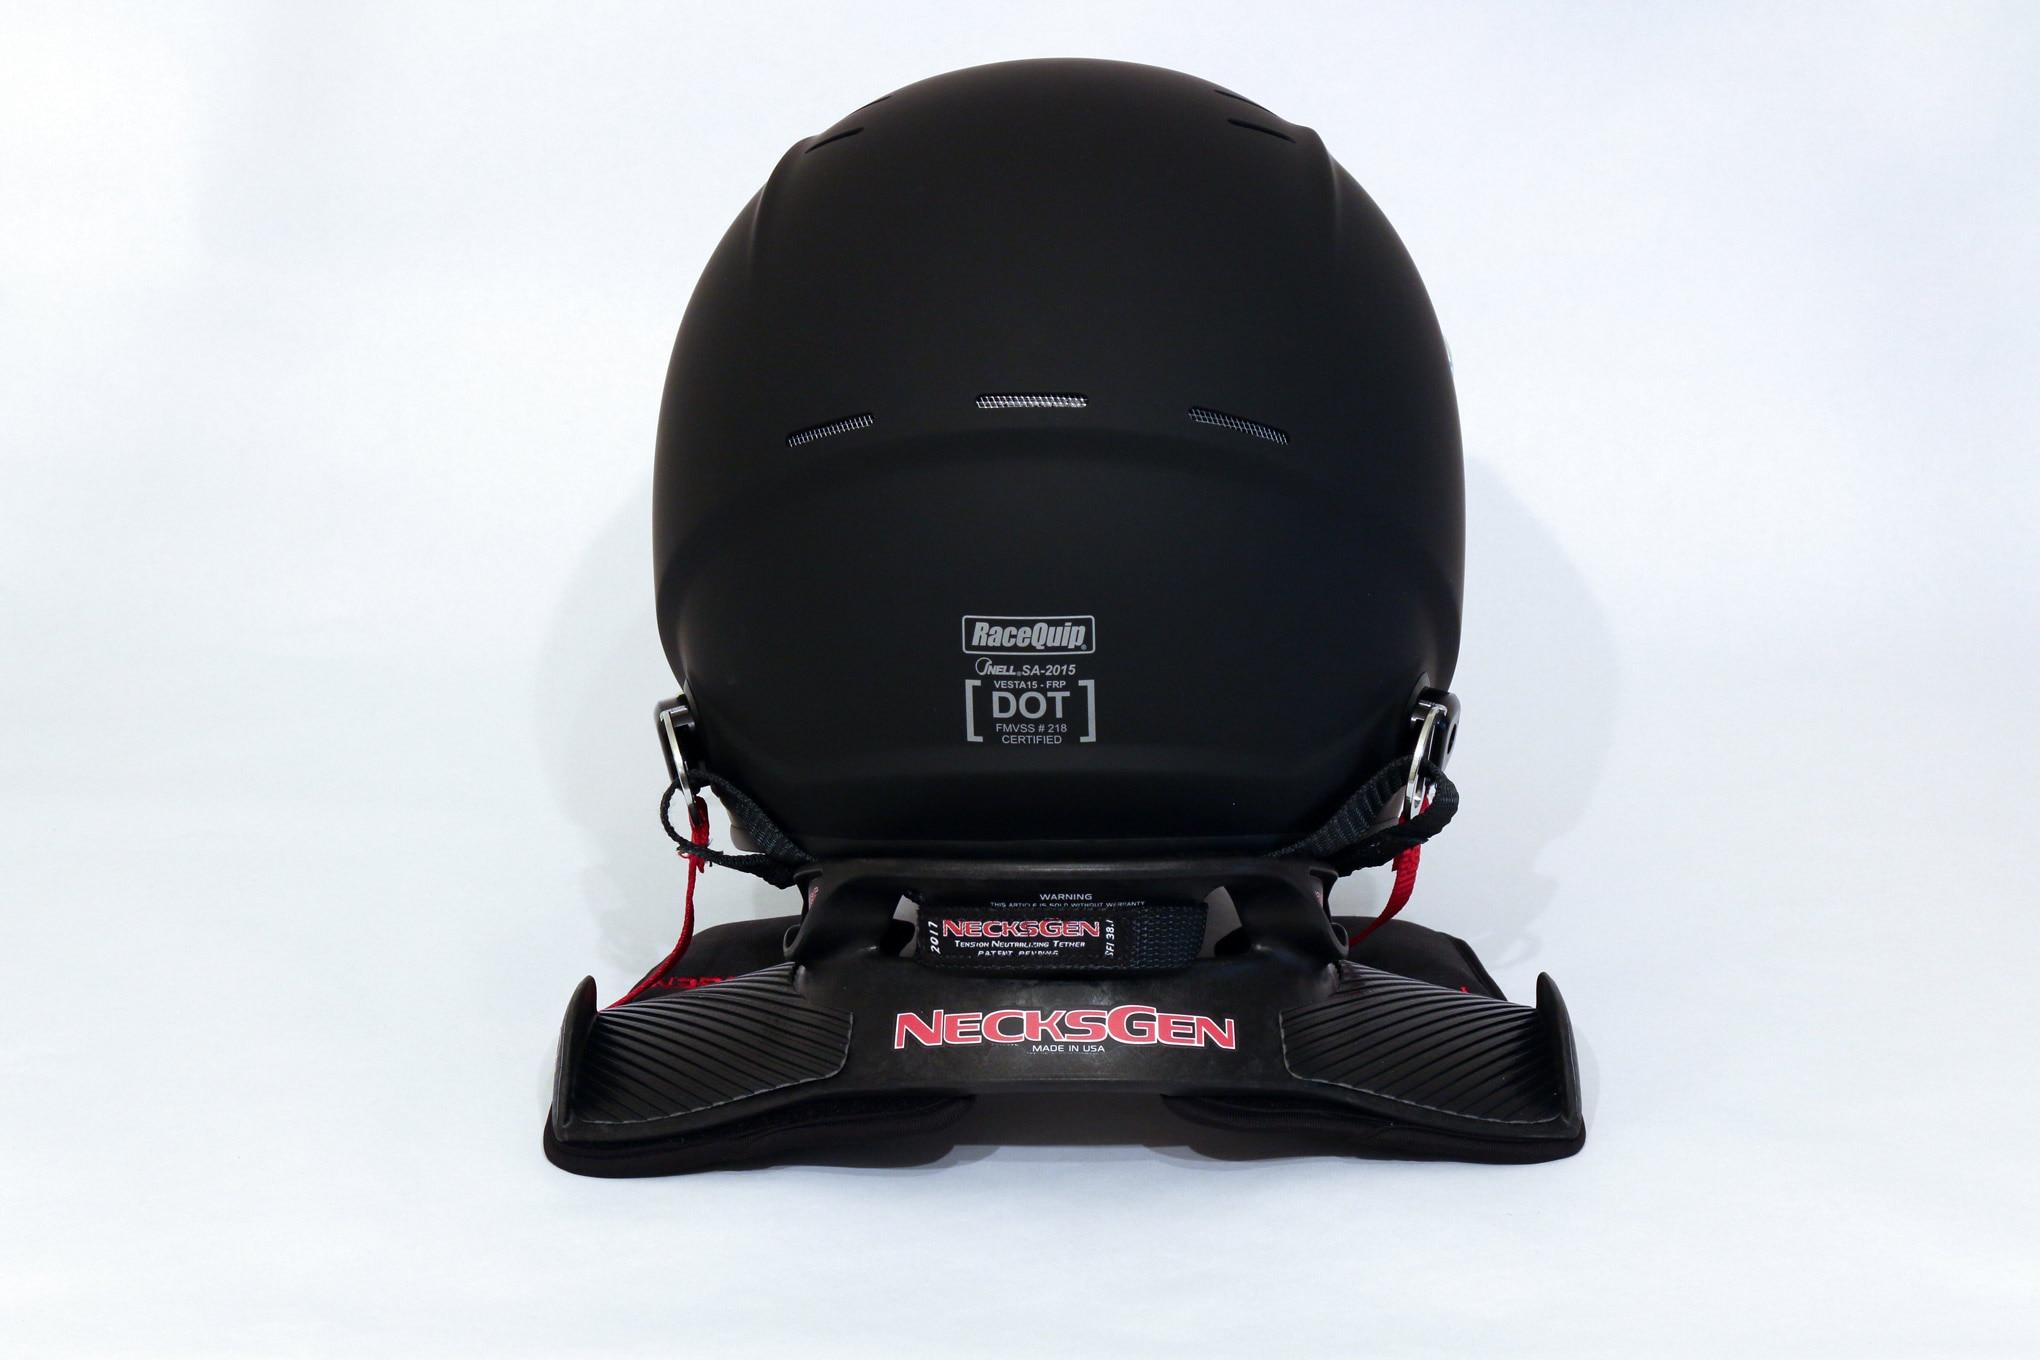 012 Racequip Helmet Vesta15 Necksgen